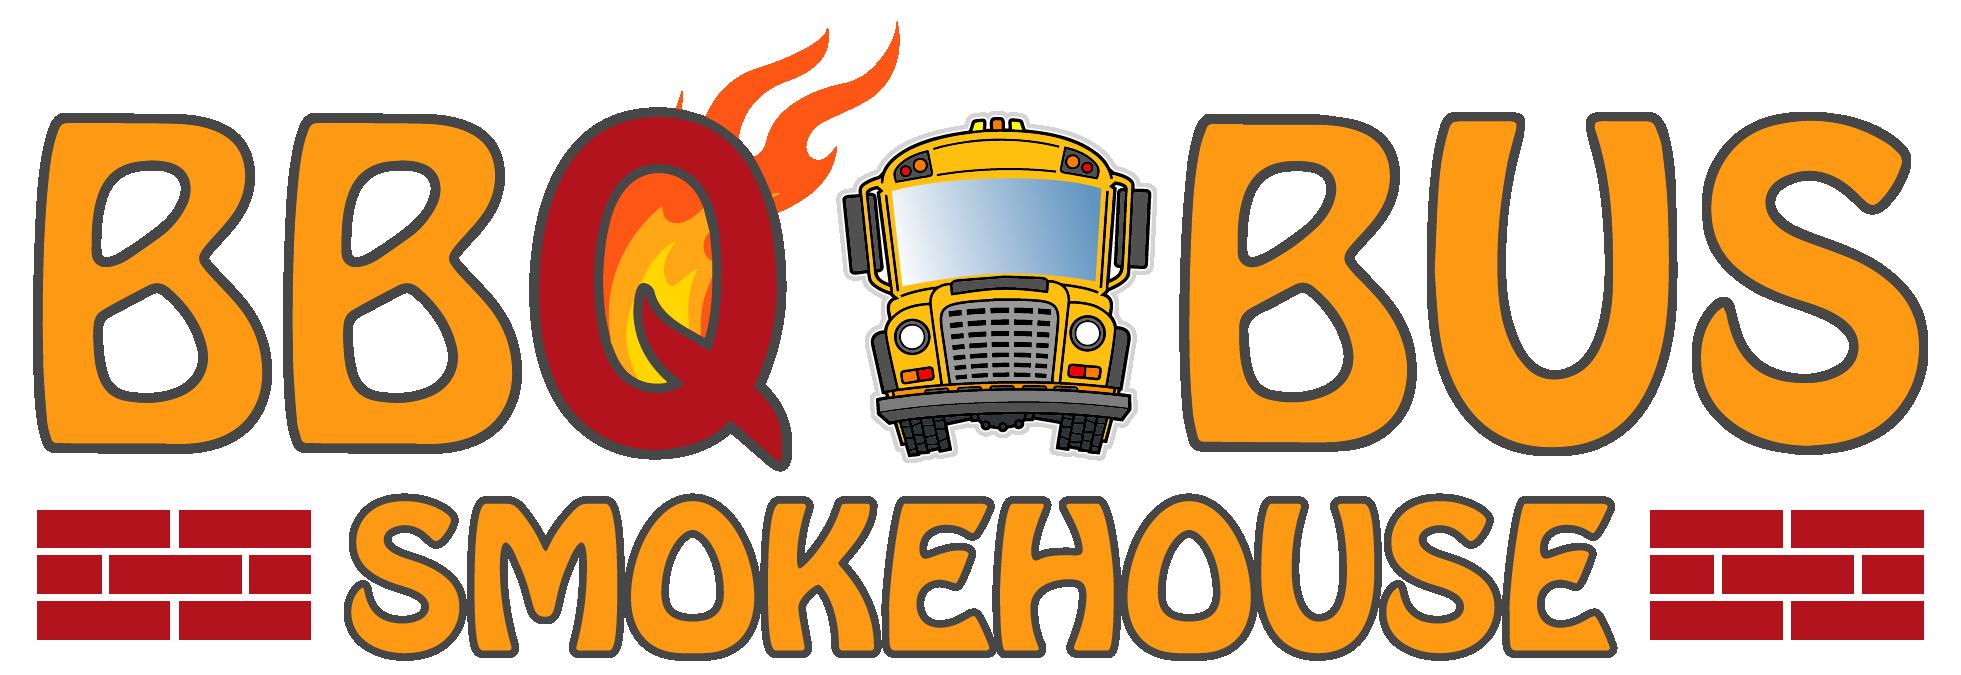 bbqbussmokehouse-PNG